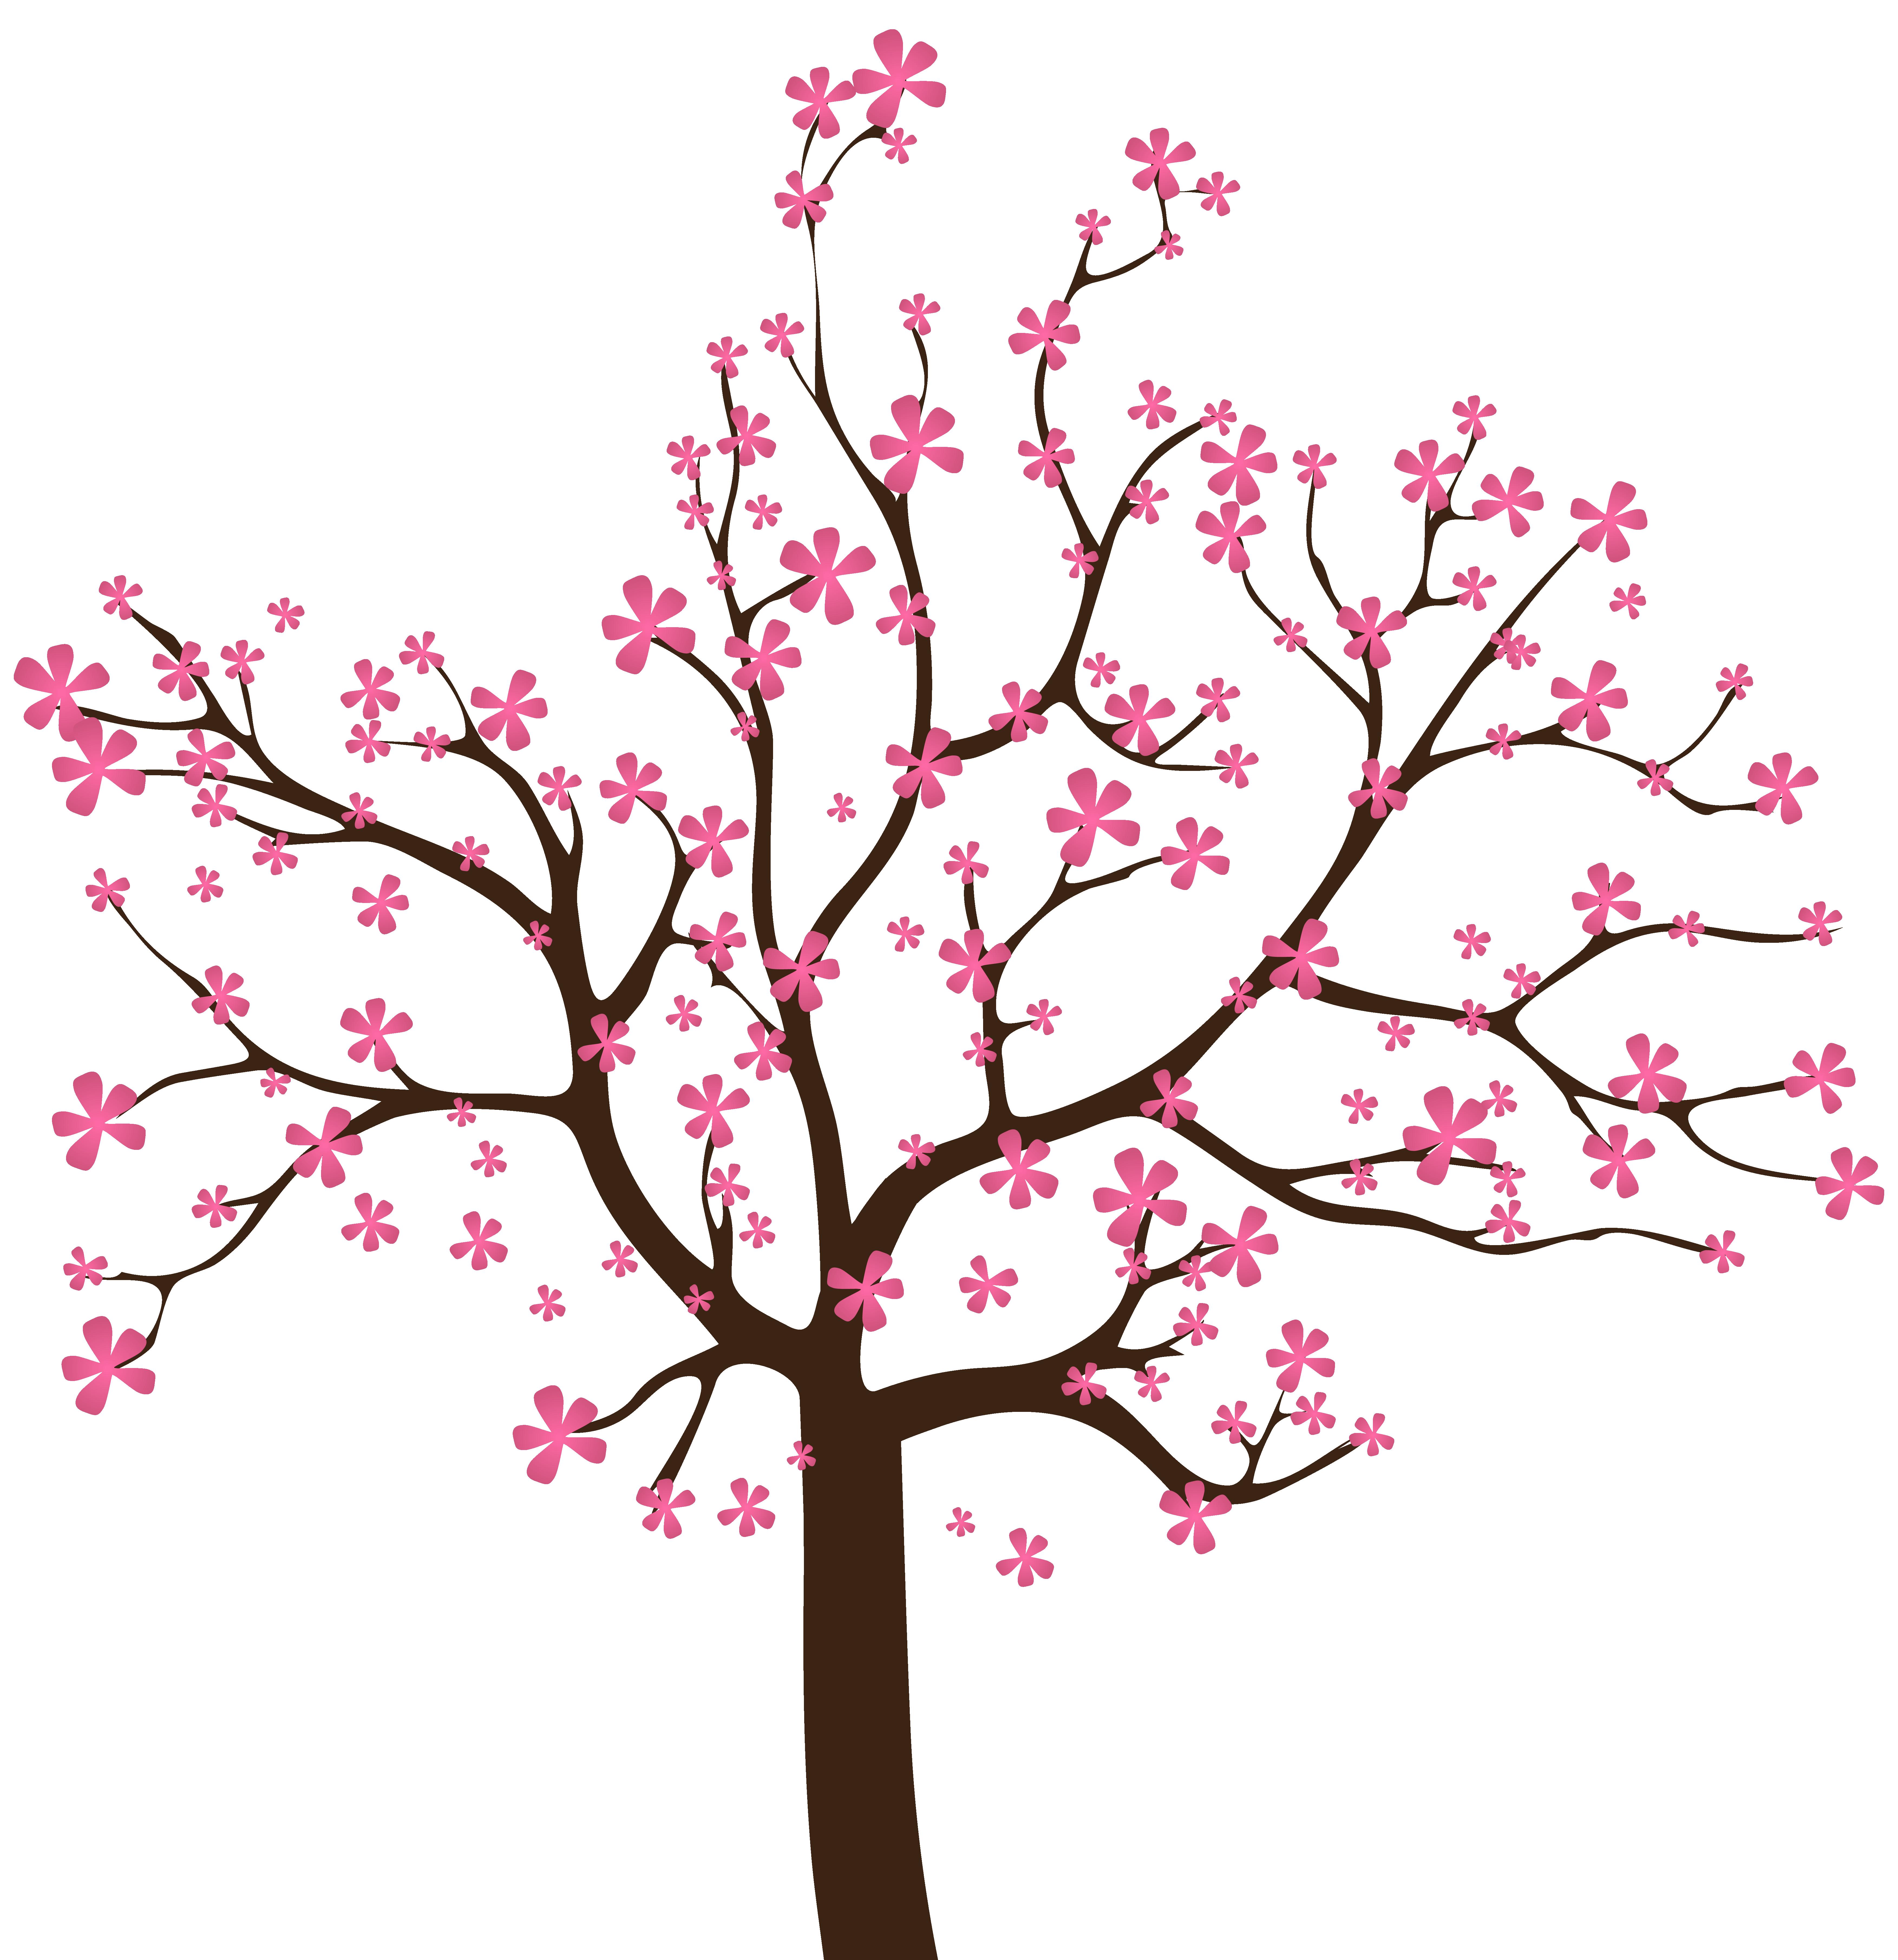 Spring tree photo